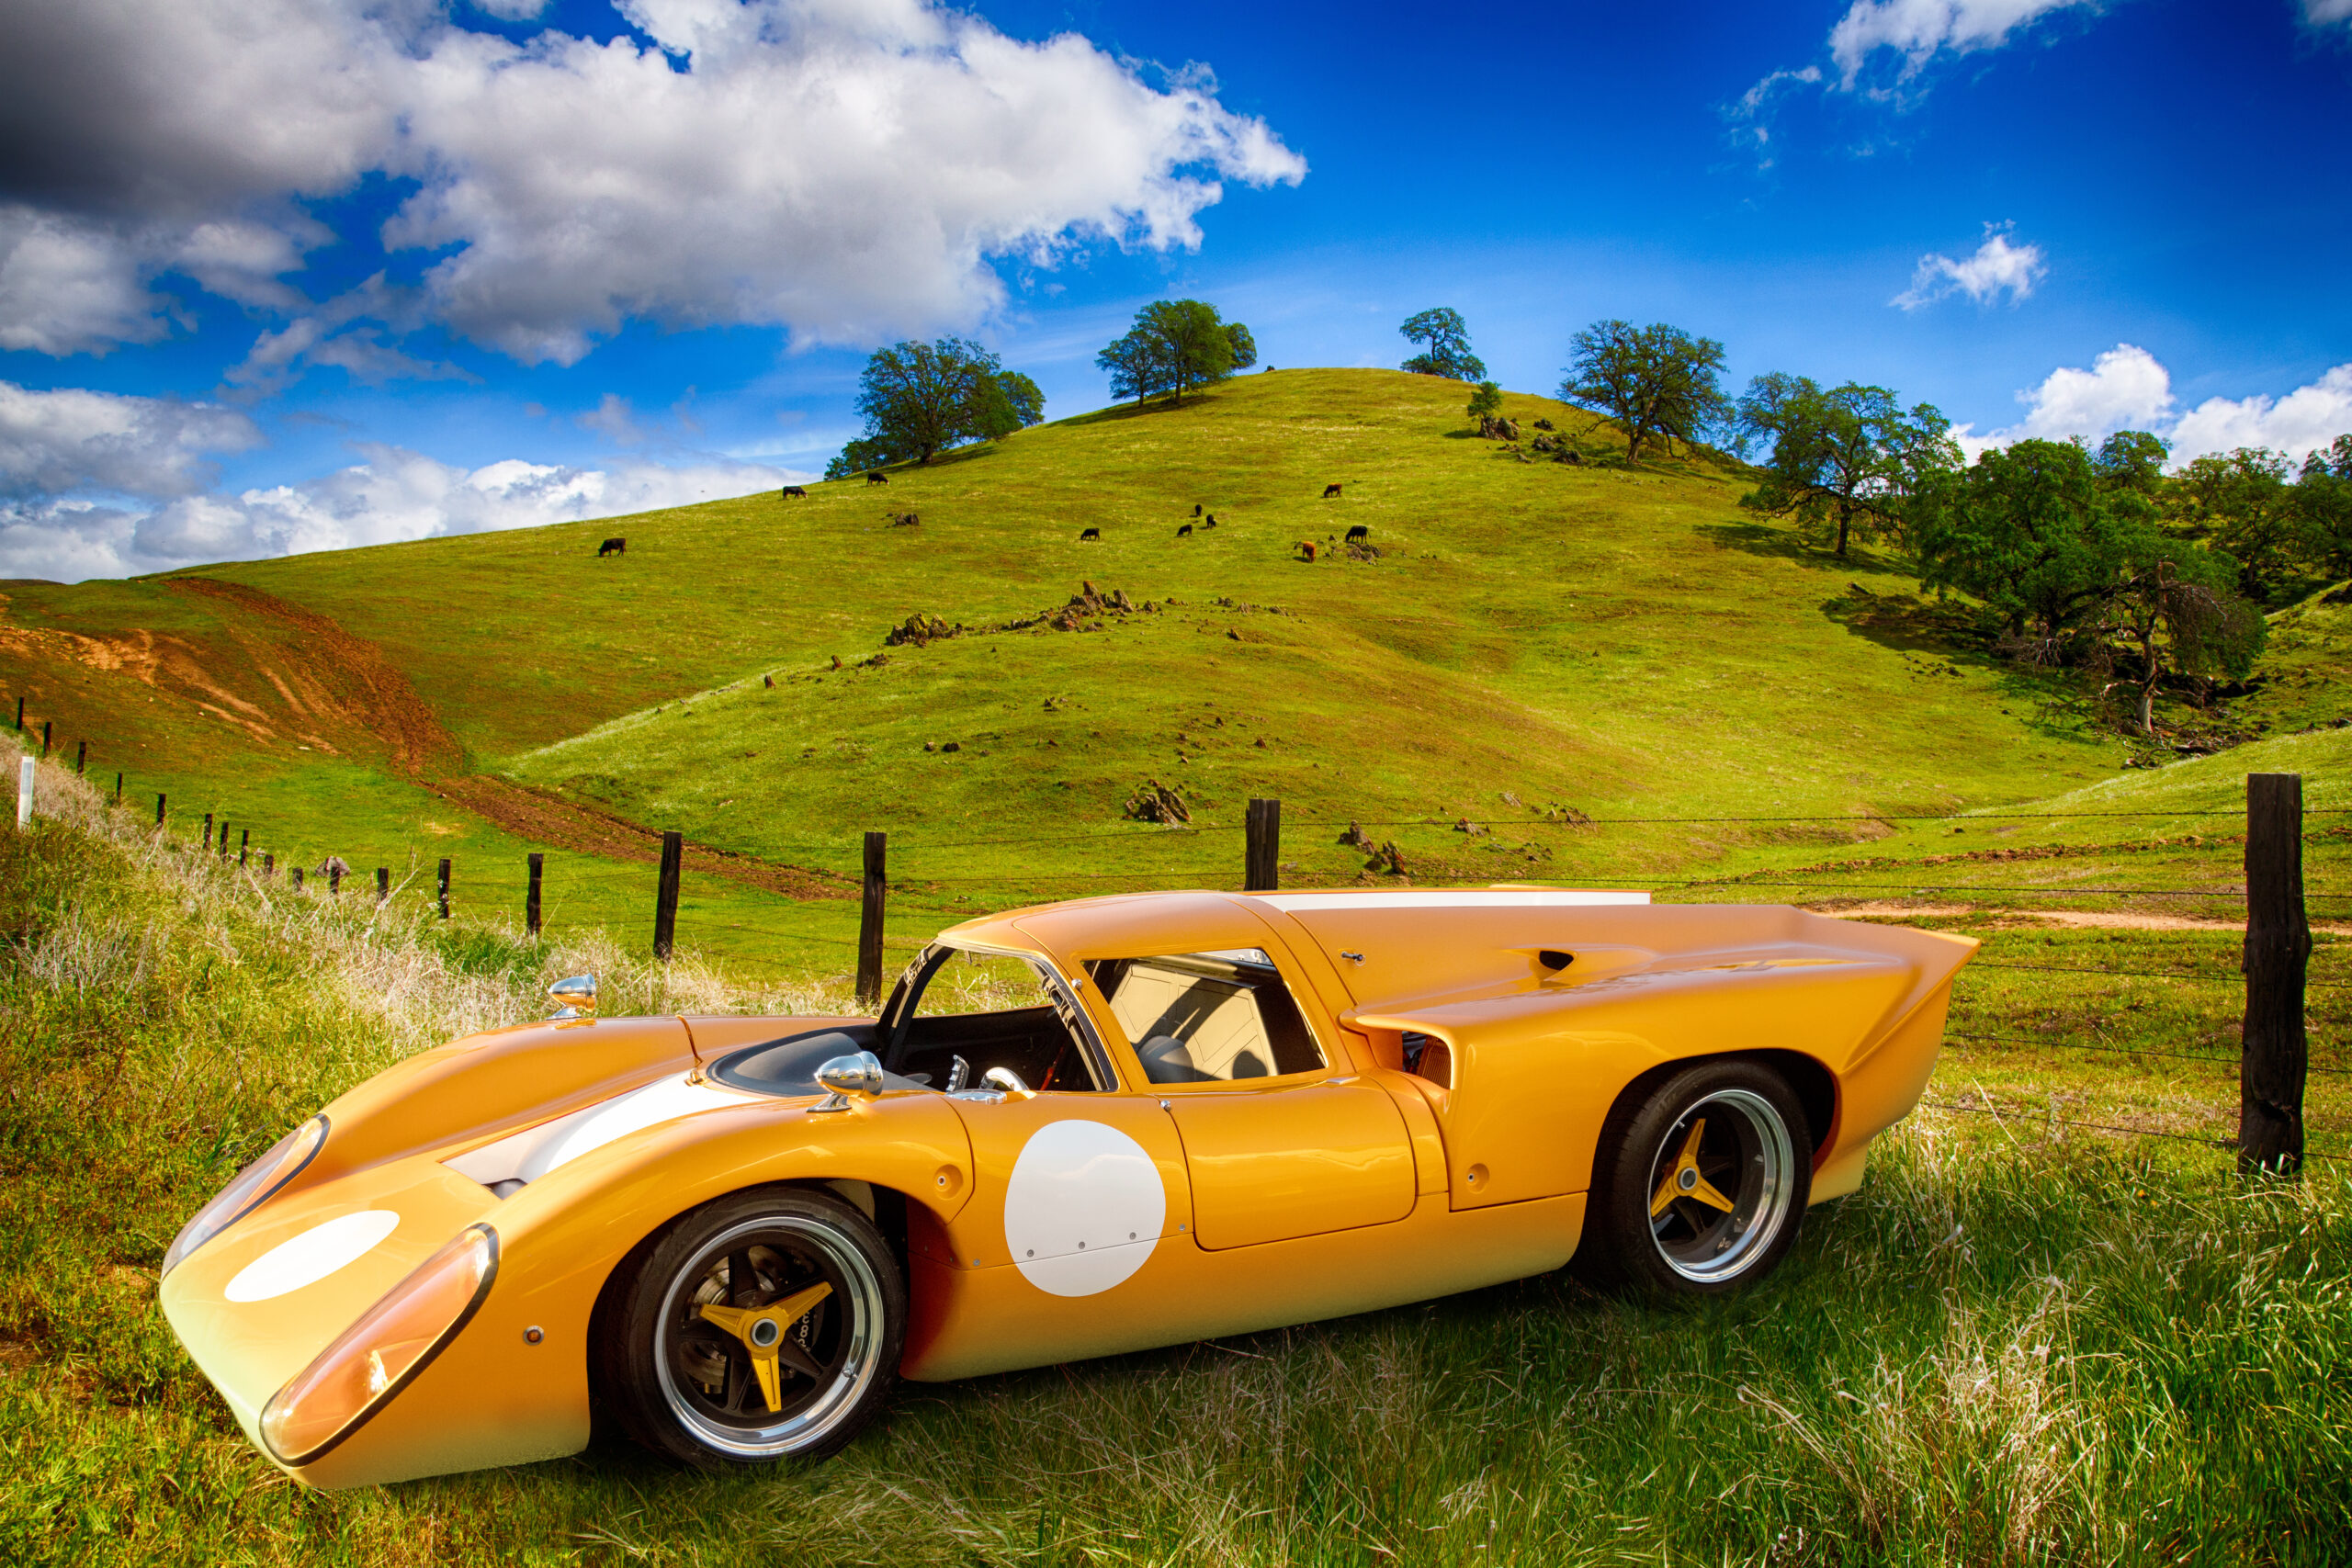 Jack T70 Lola orange car